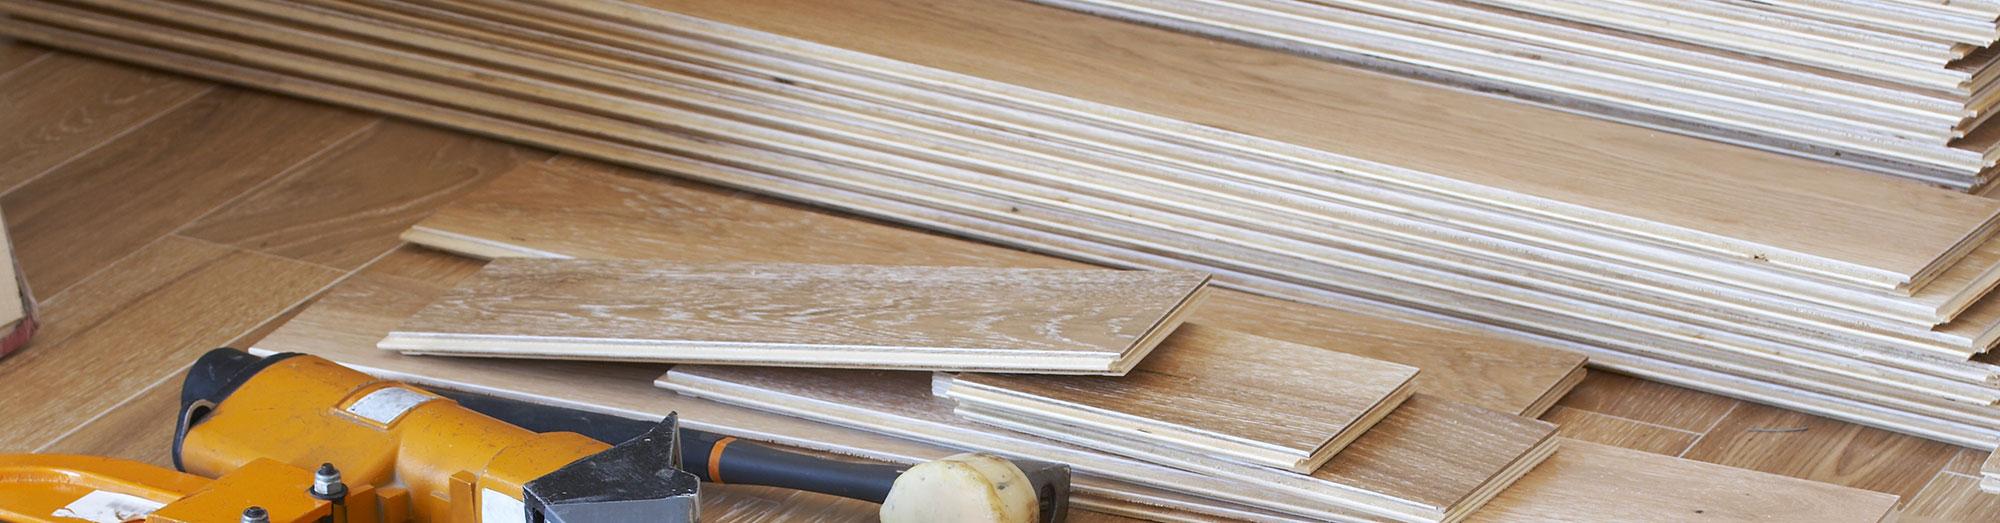 Hardwood Flooring Installation In Warner Robins Ga 31088